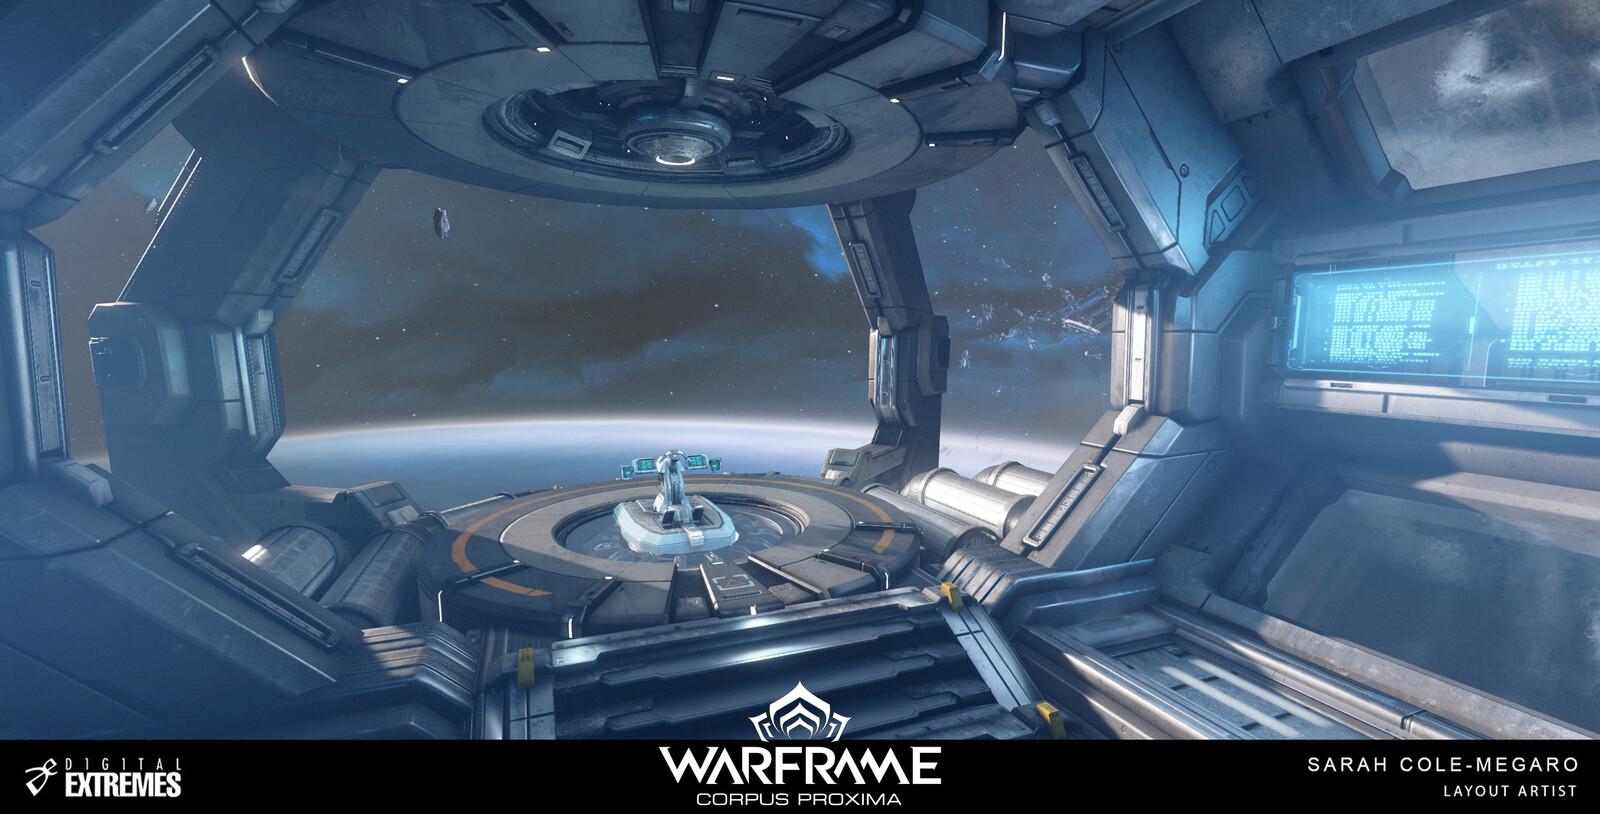 Warframe: Corpus Proxima Update - Corpus Crew Ships